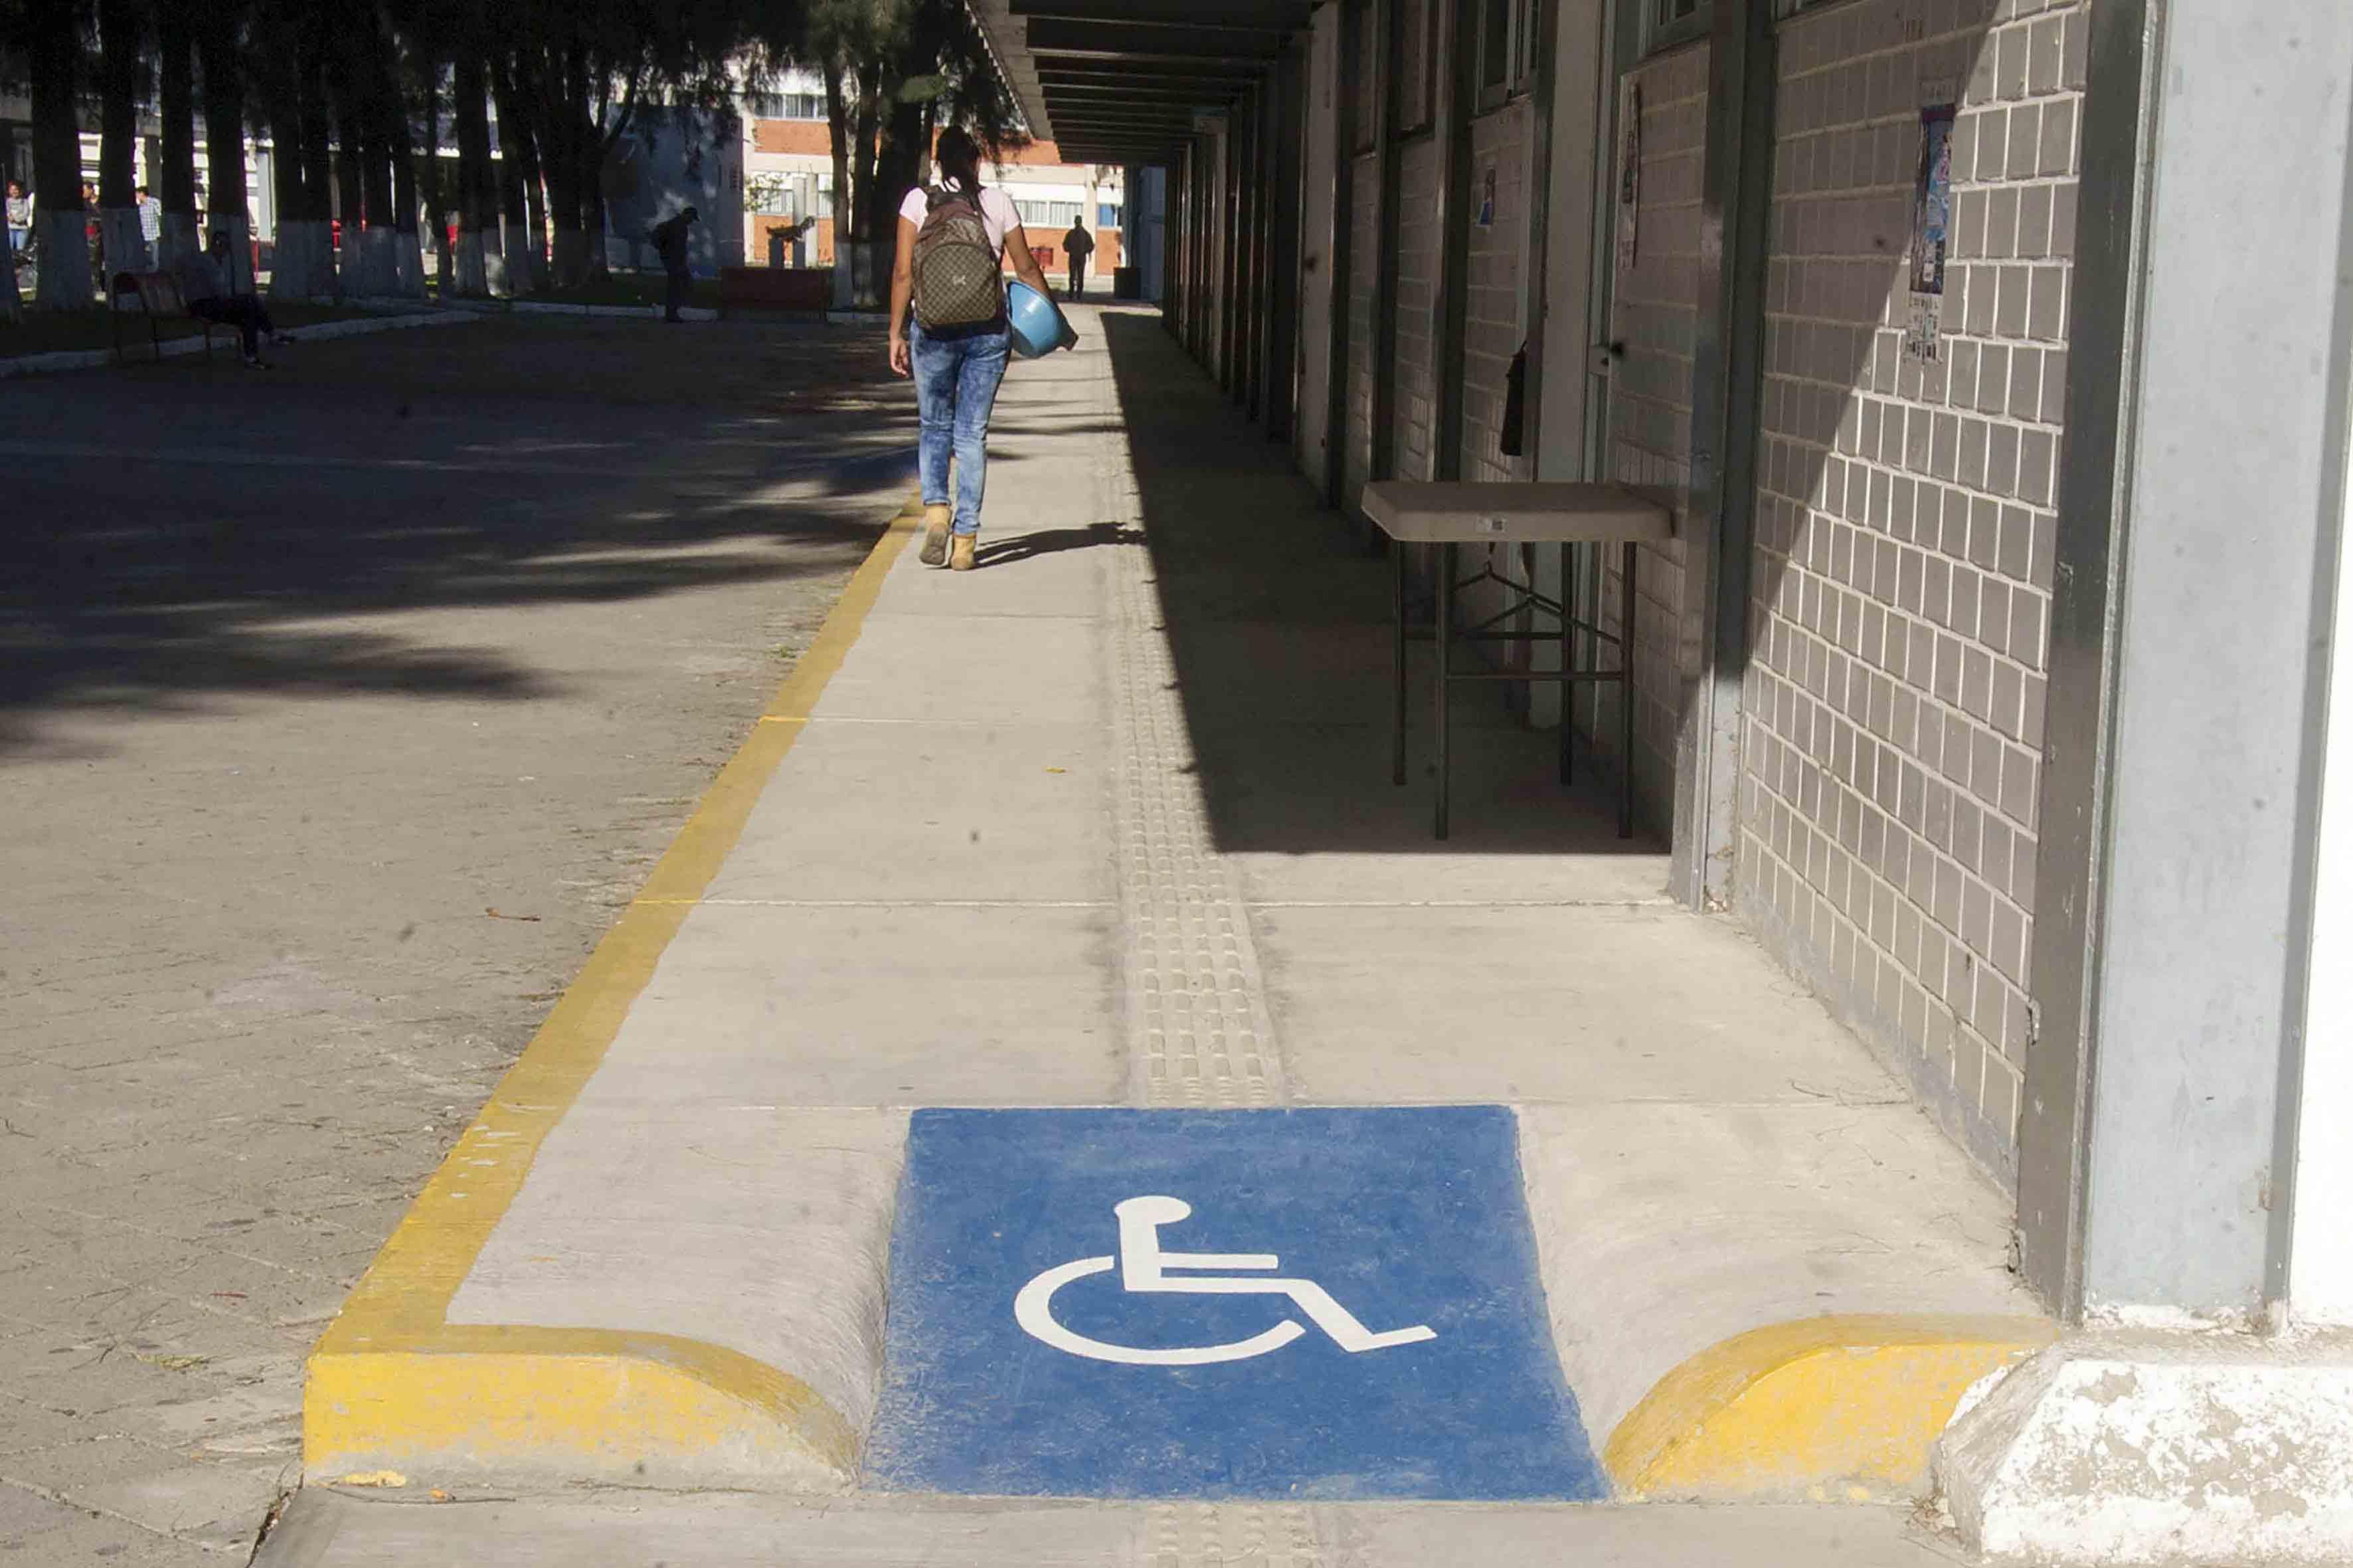 Udeg genera infraestructura para personas con discapacidad for Rampa de discapacitados